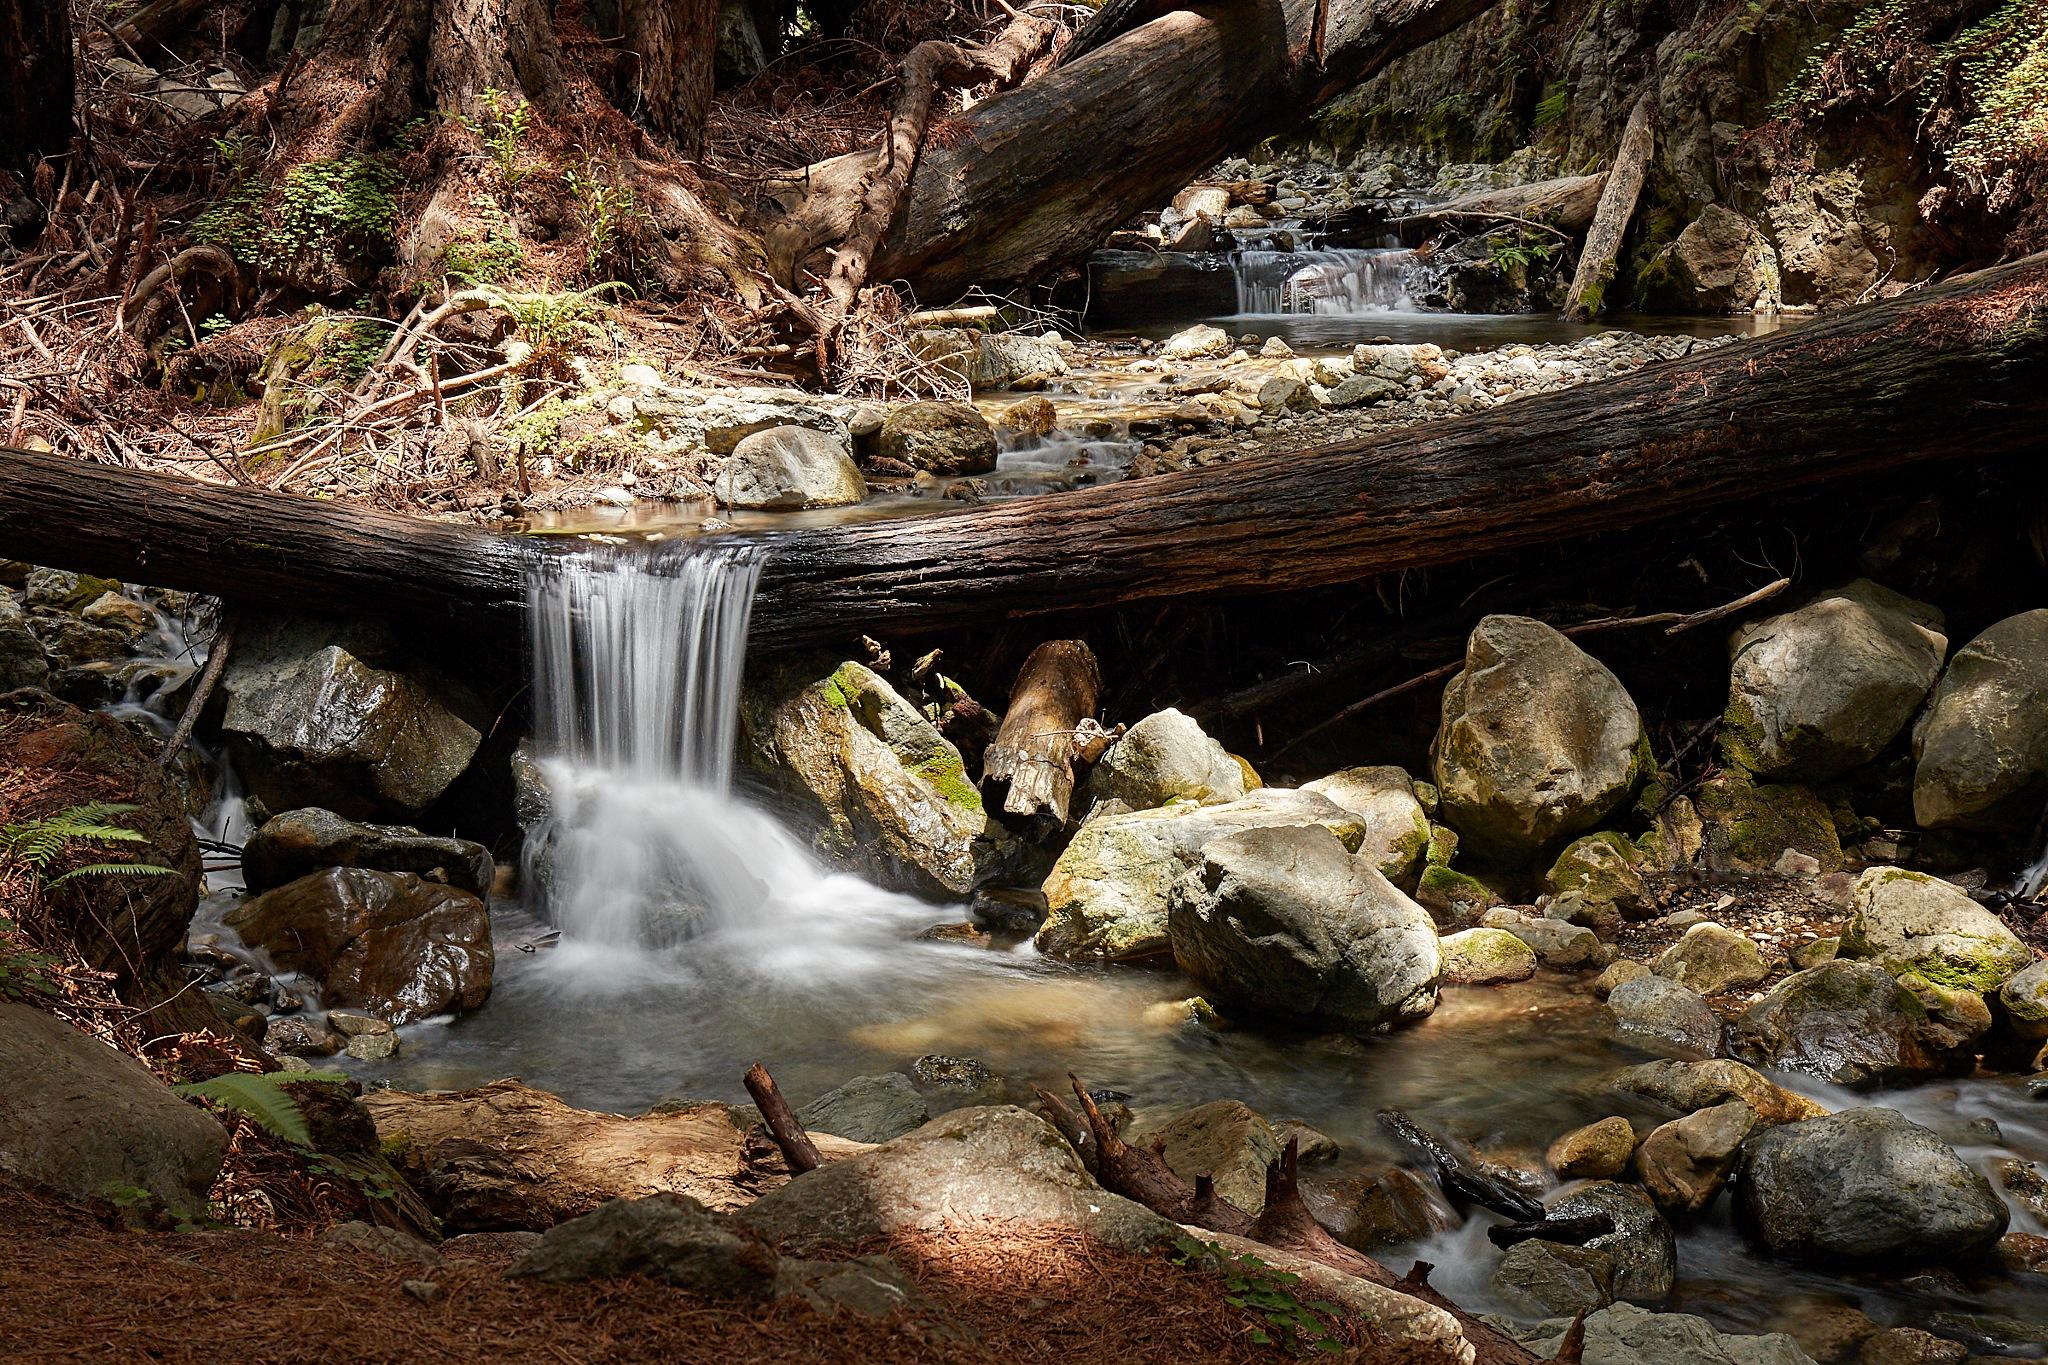 Limekiln Creek by Pierre Liard